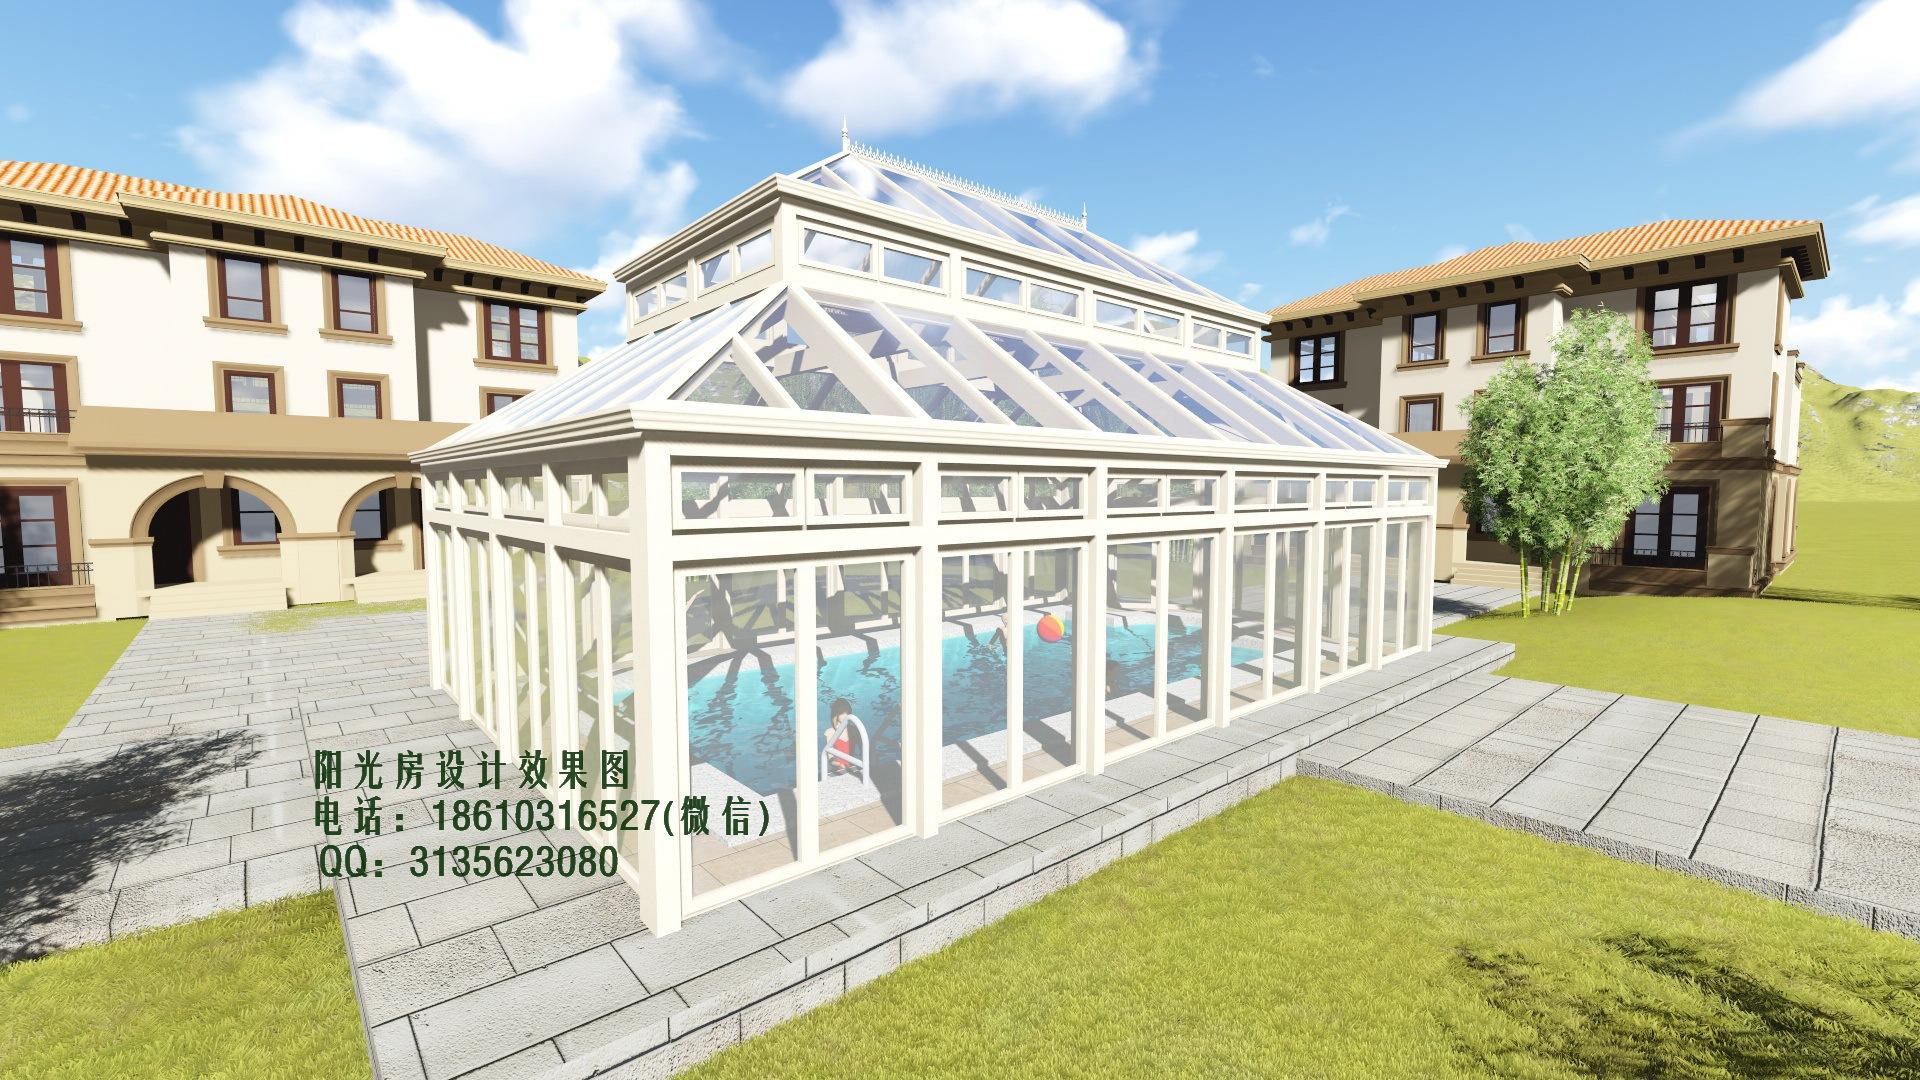 游泳池阳光房设计效果图|空间|建筑设计|花园阳光房图片